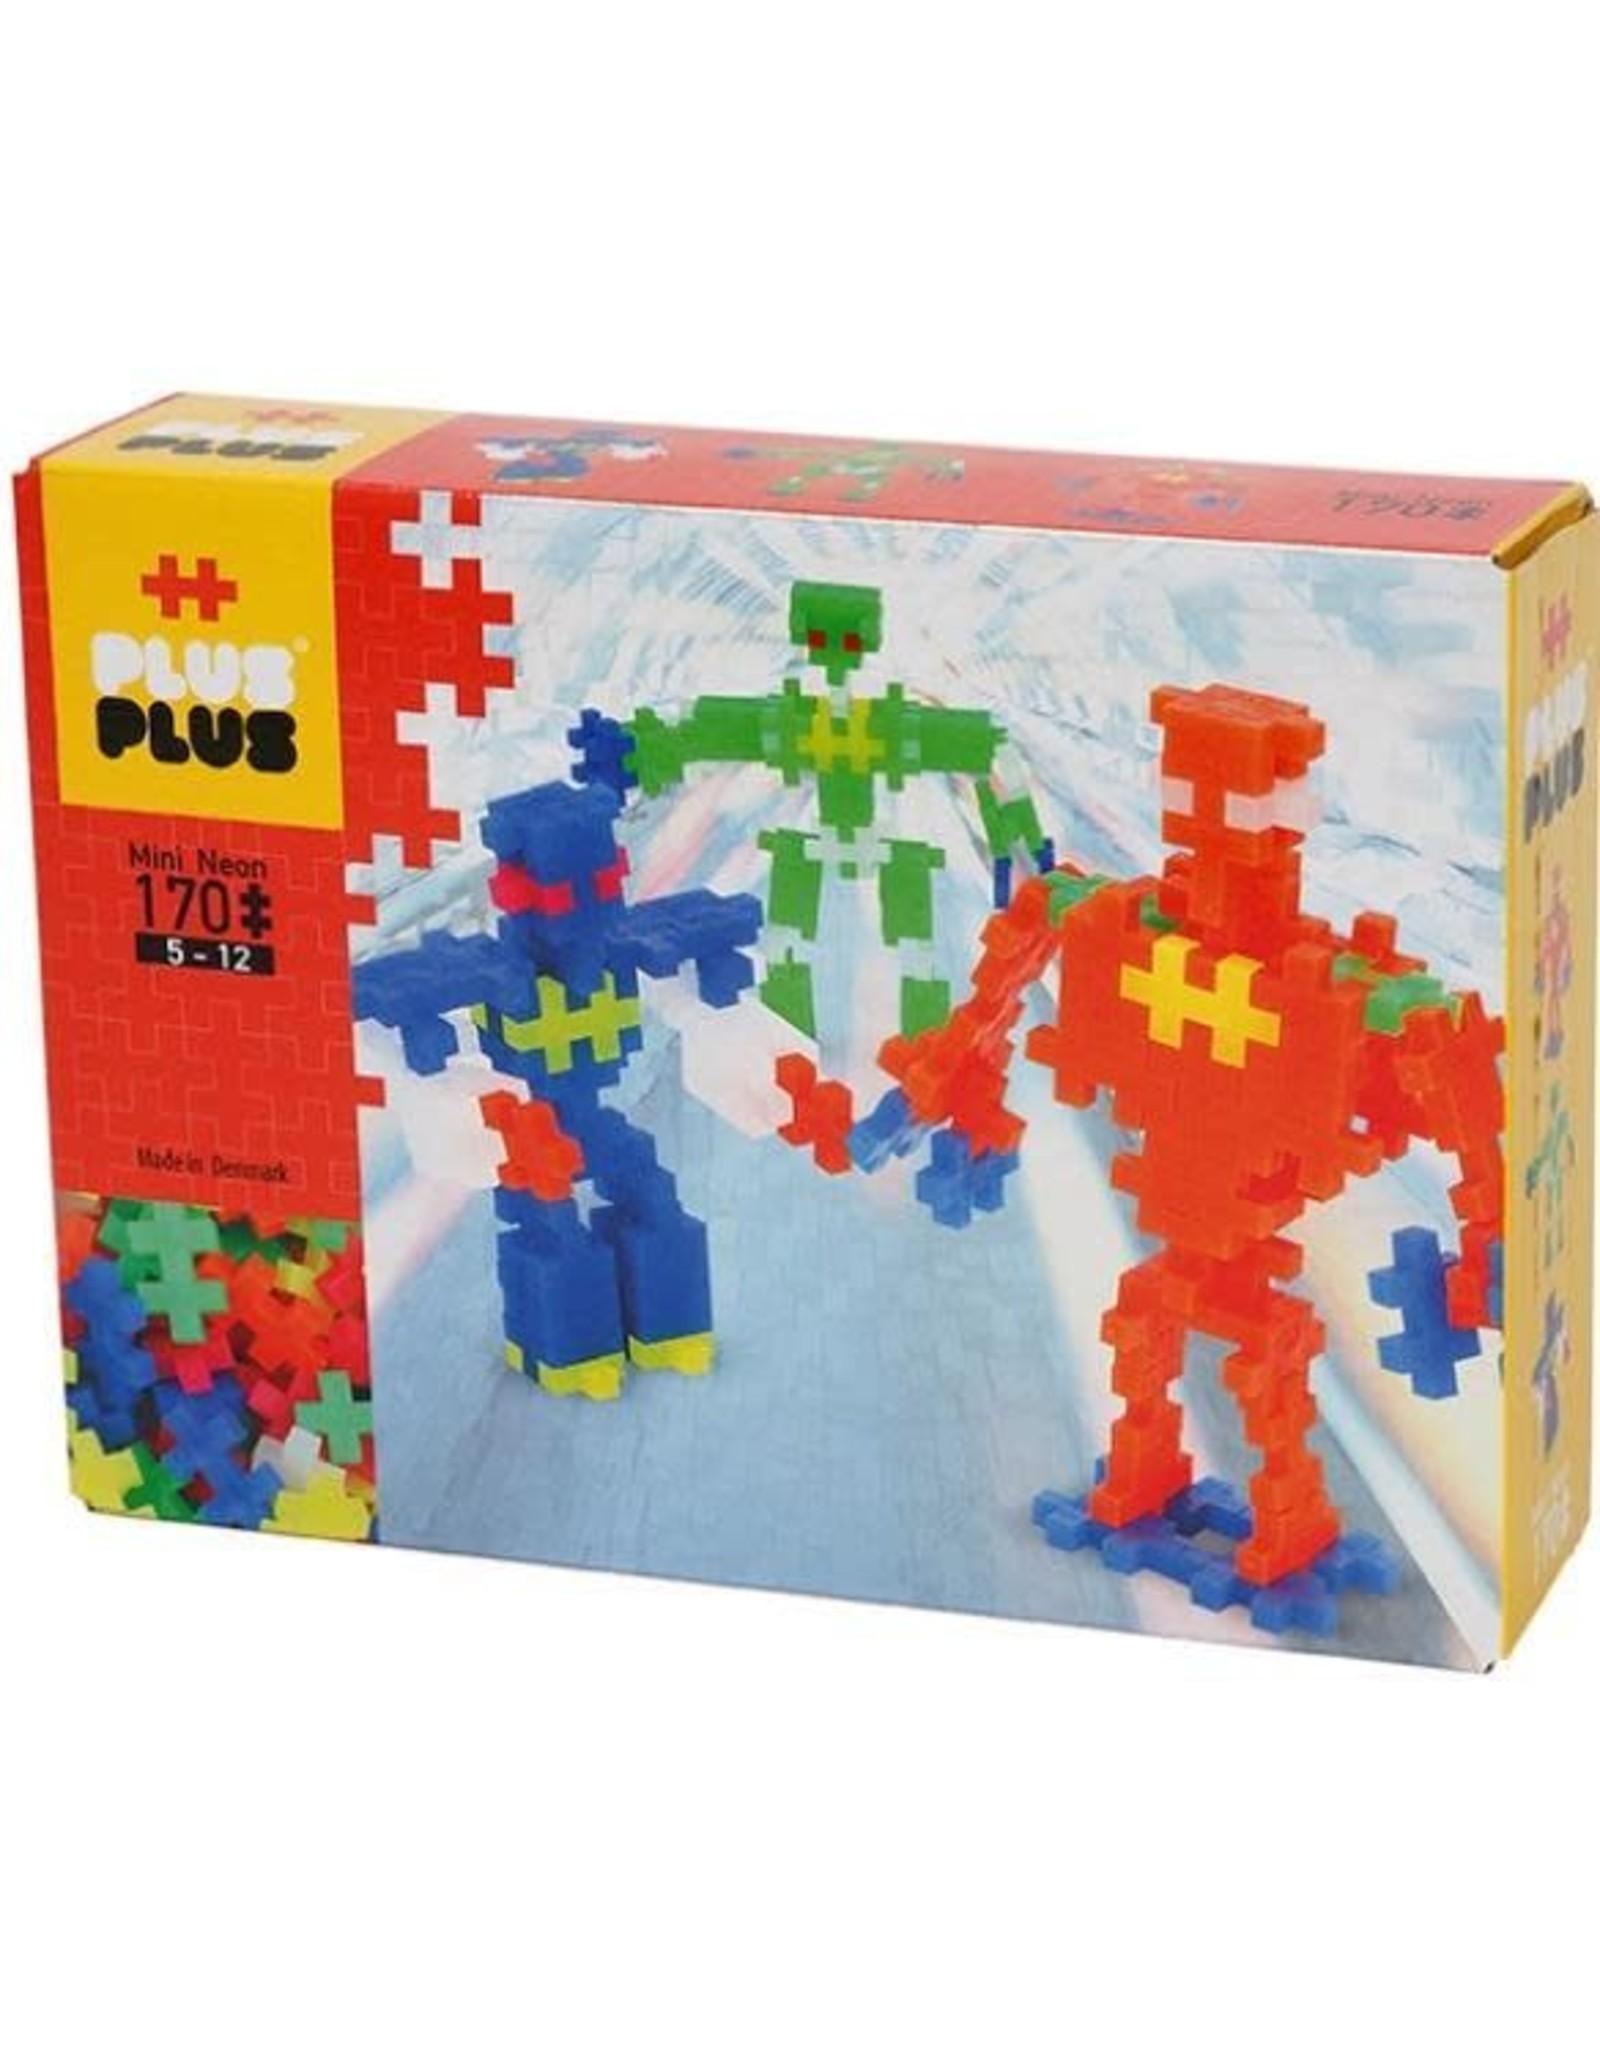 Plus-Plus Plus-Plus Mini Neon Robots 170 pc